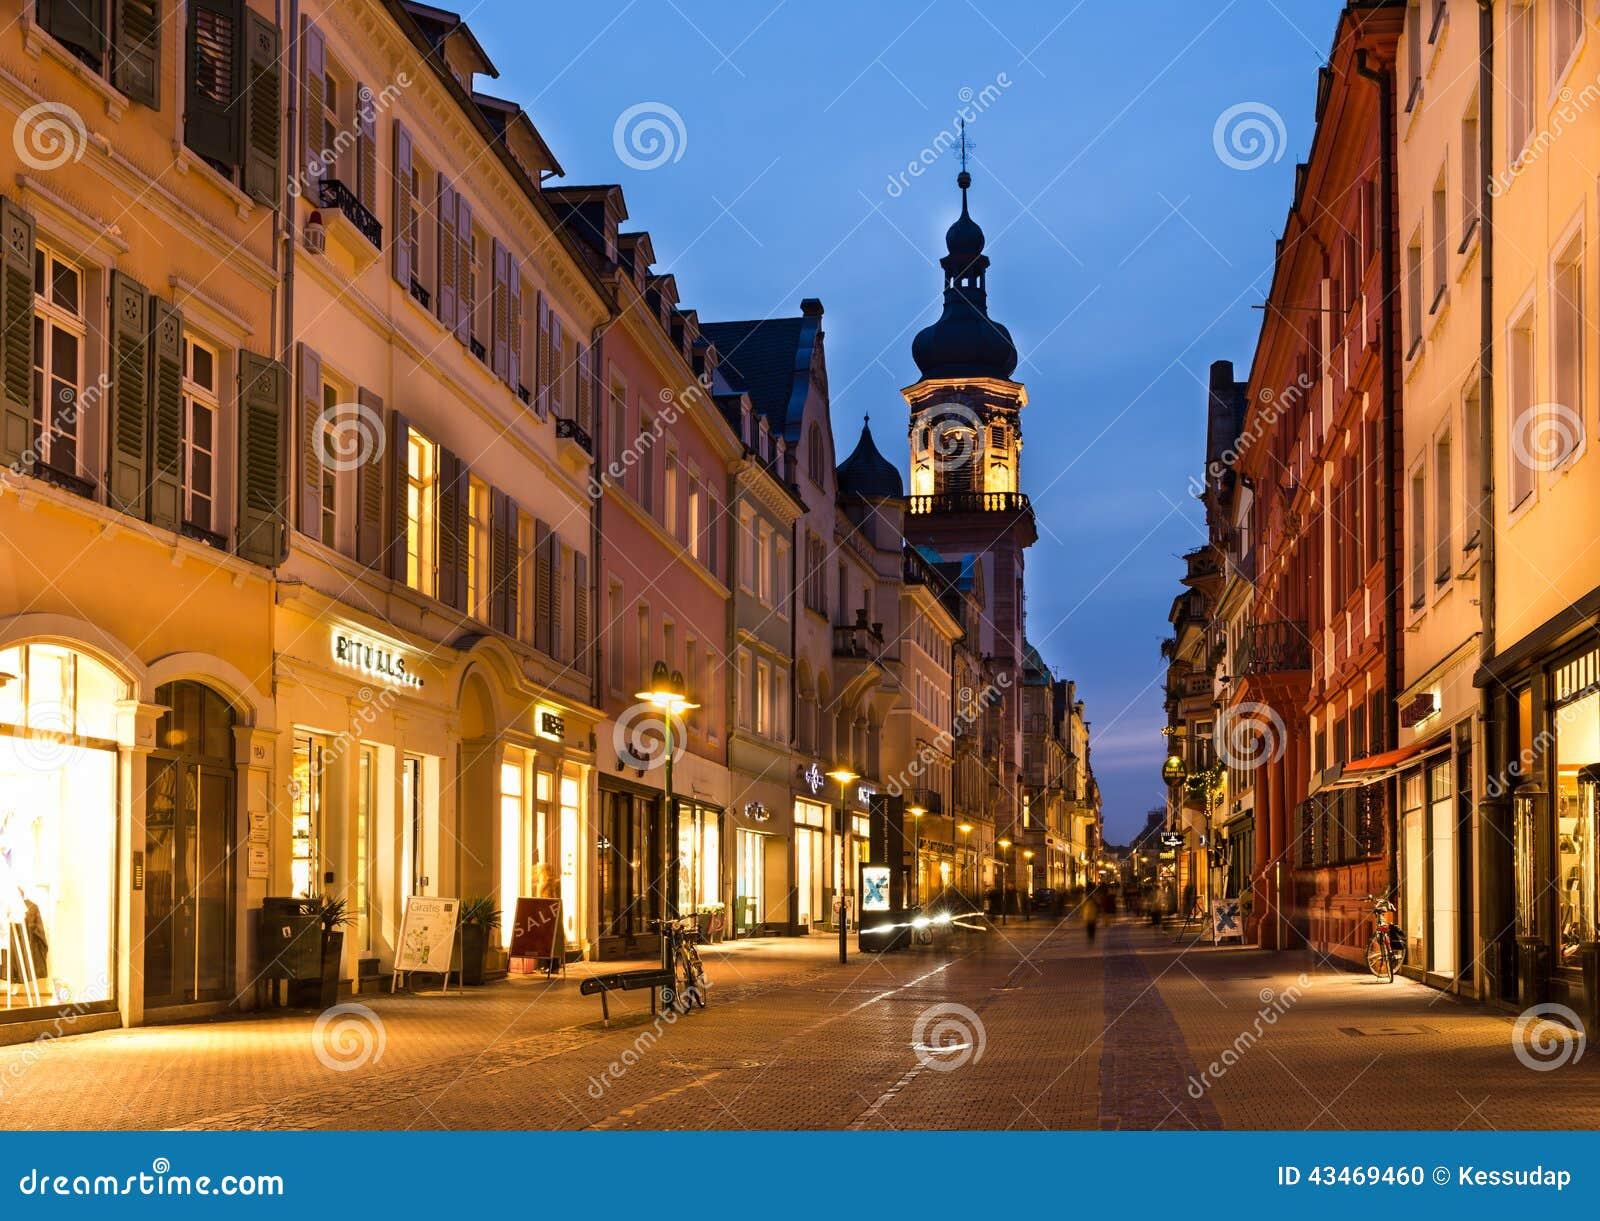 Heidelberg Shopping